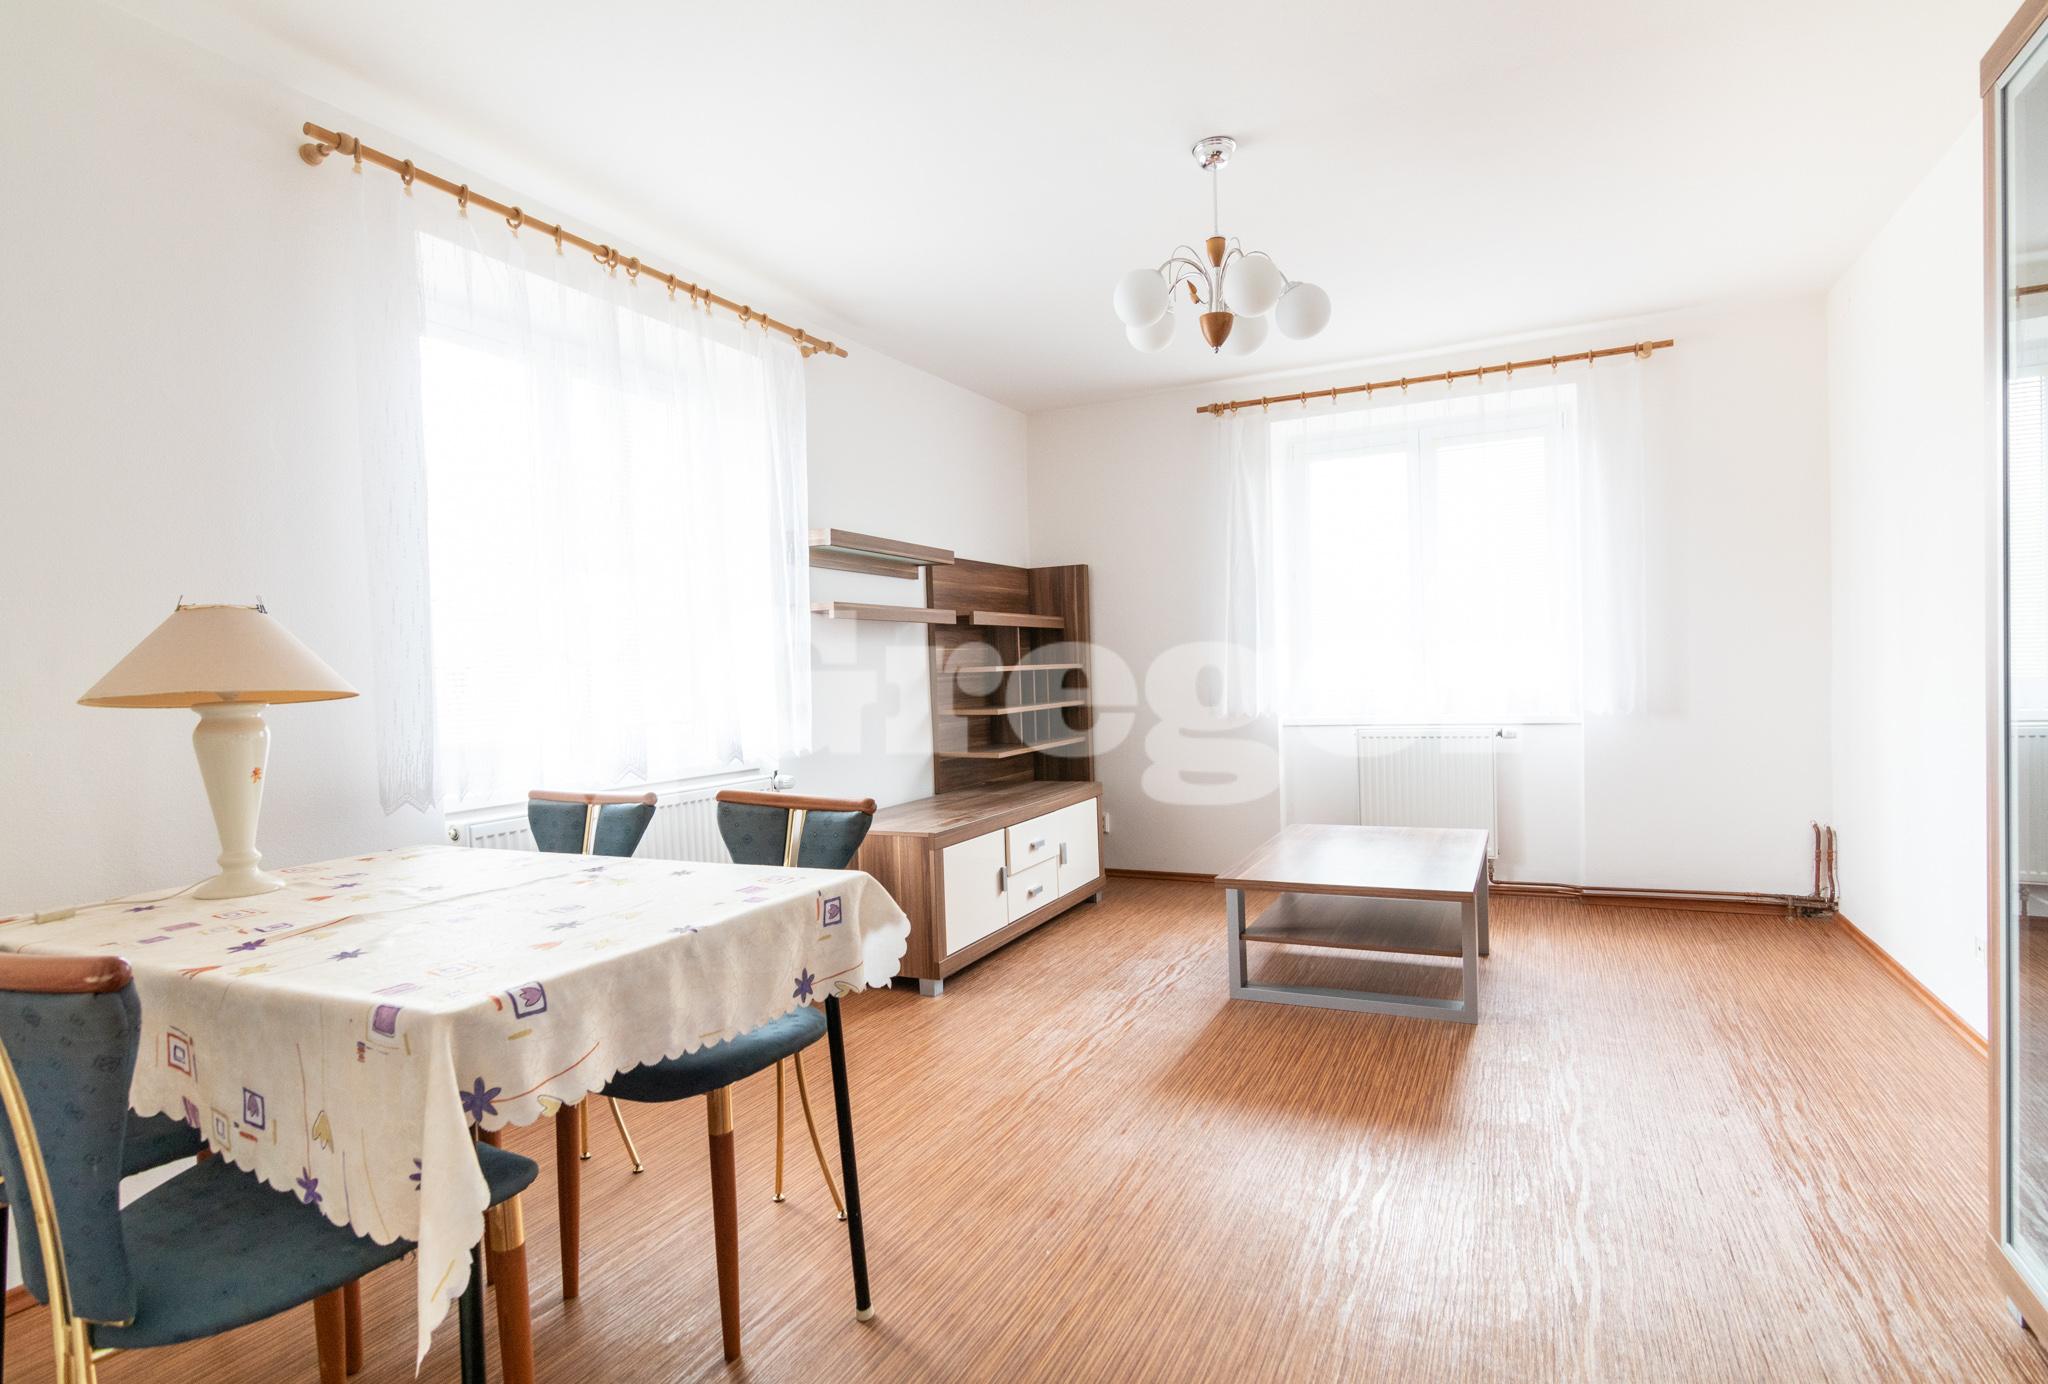 Rodinný dům Drásov obývací pokoj